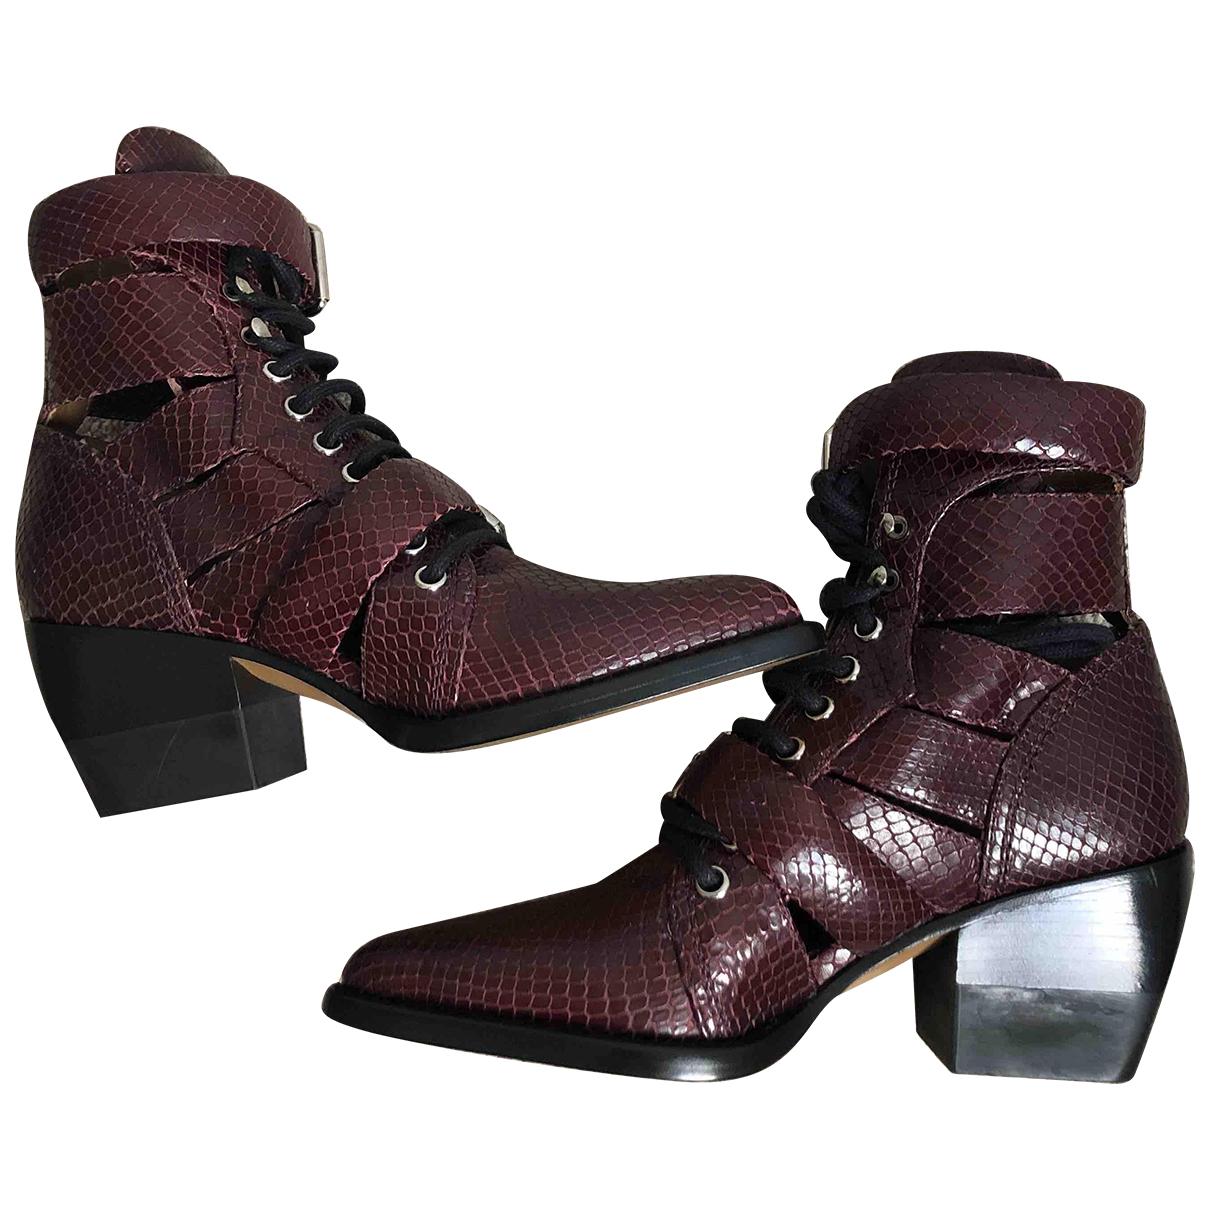 Chloe - Boots Rylee pour femme en cuir - bordeaux